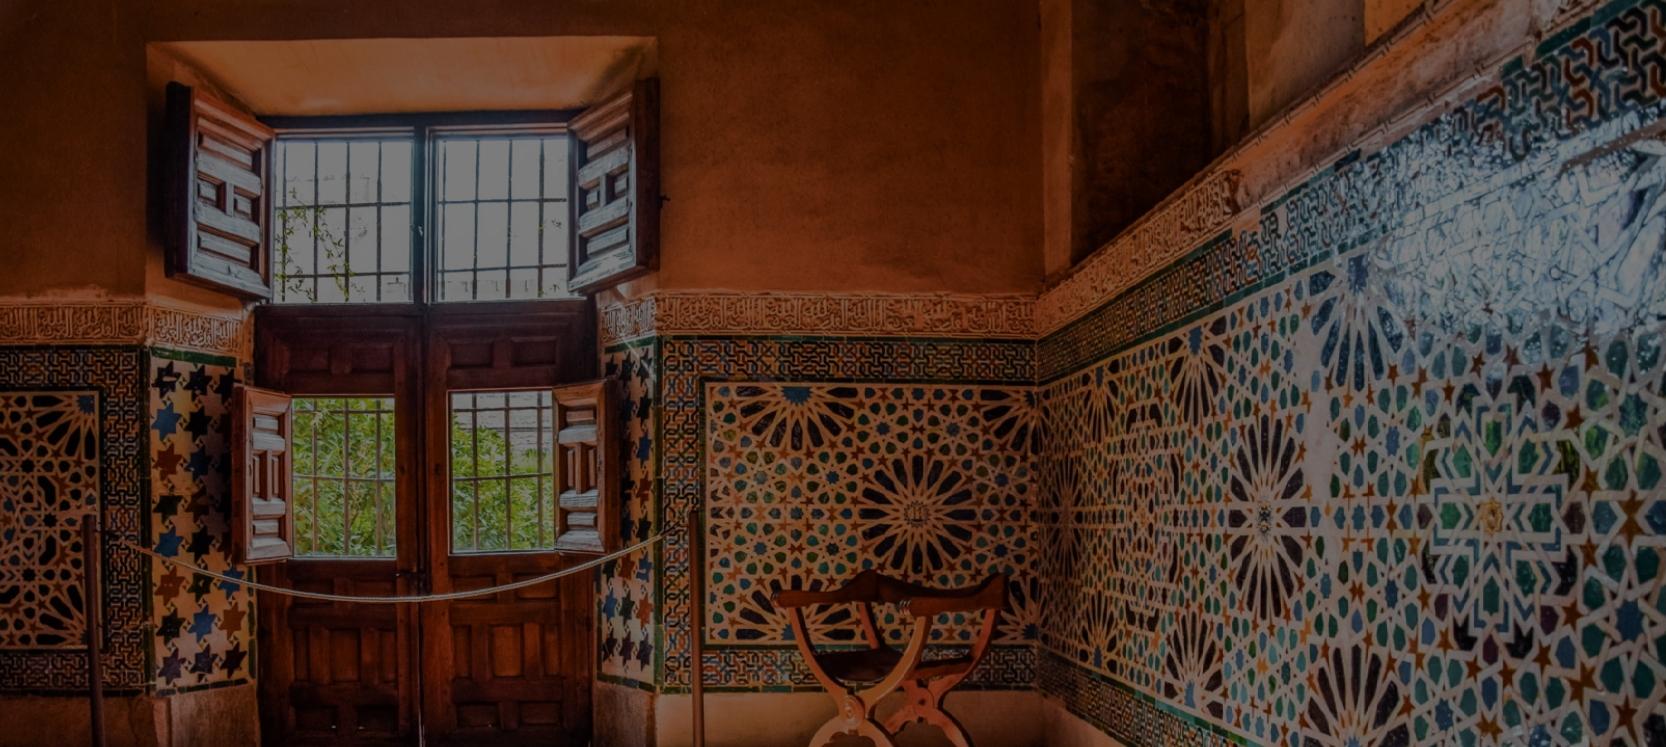 التراث الثقافيّ العربيّ .. تحدّيات عدّة